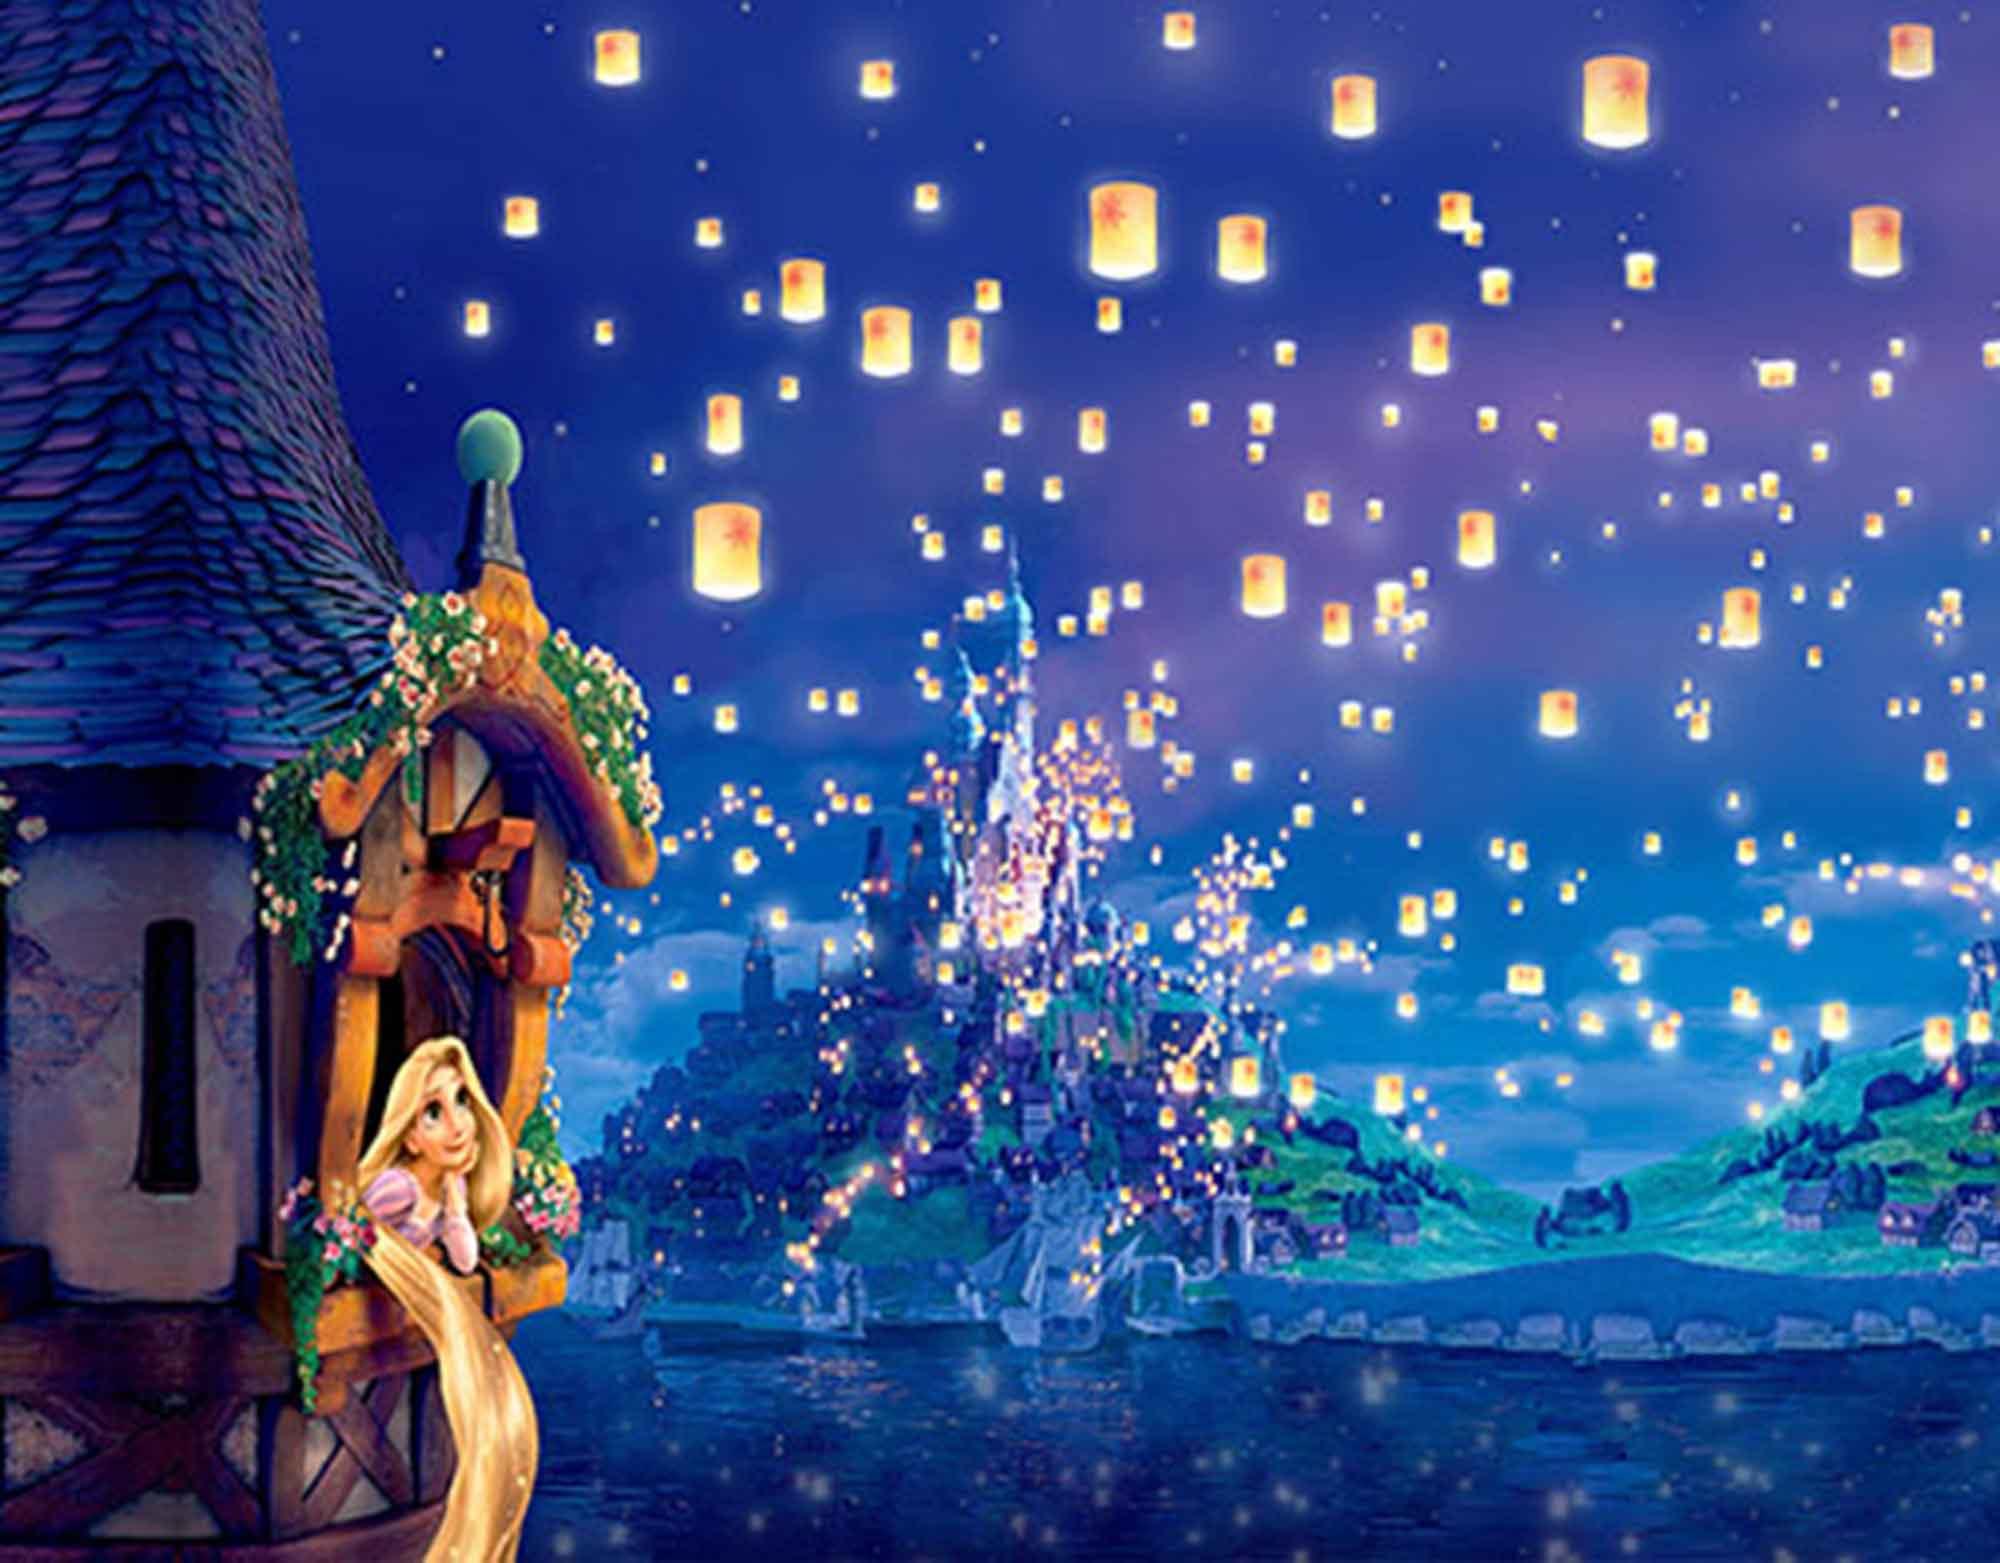 Papel de Parede Infantil Rapunzel  0005  - Paredes Decoradas